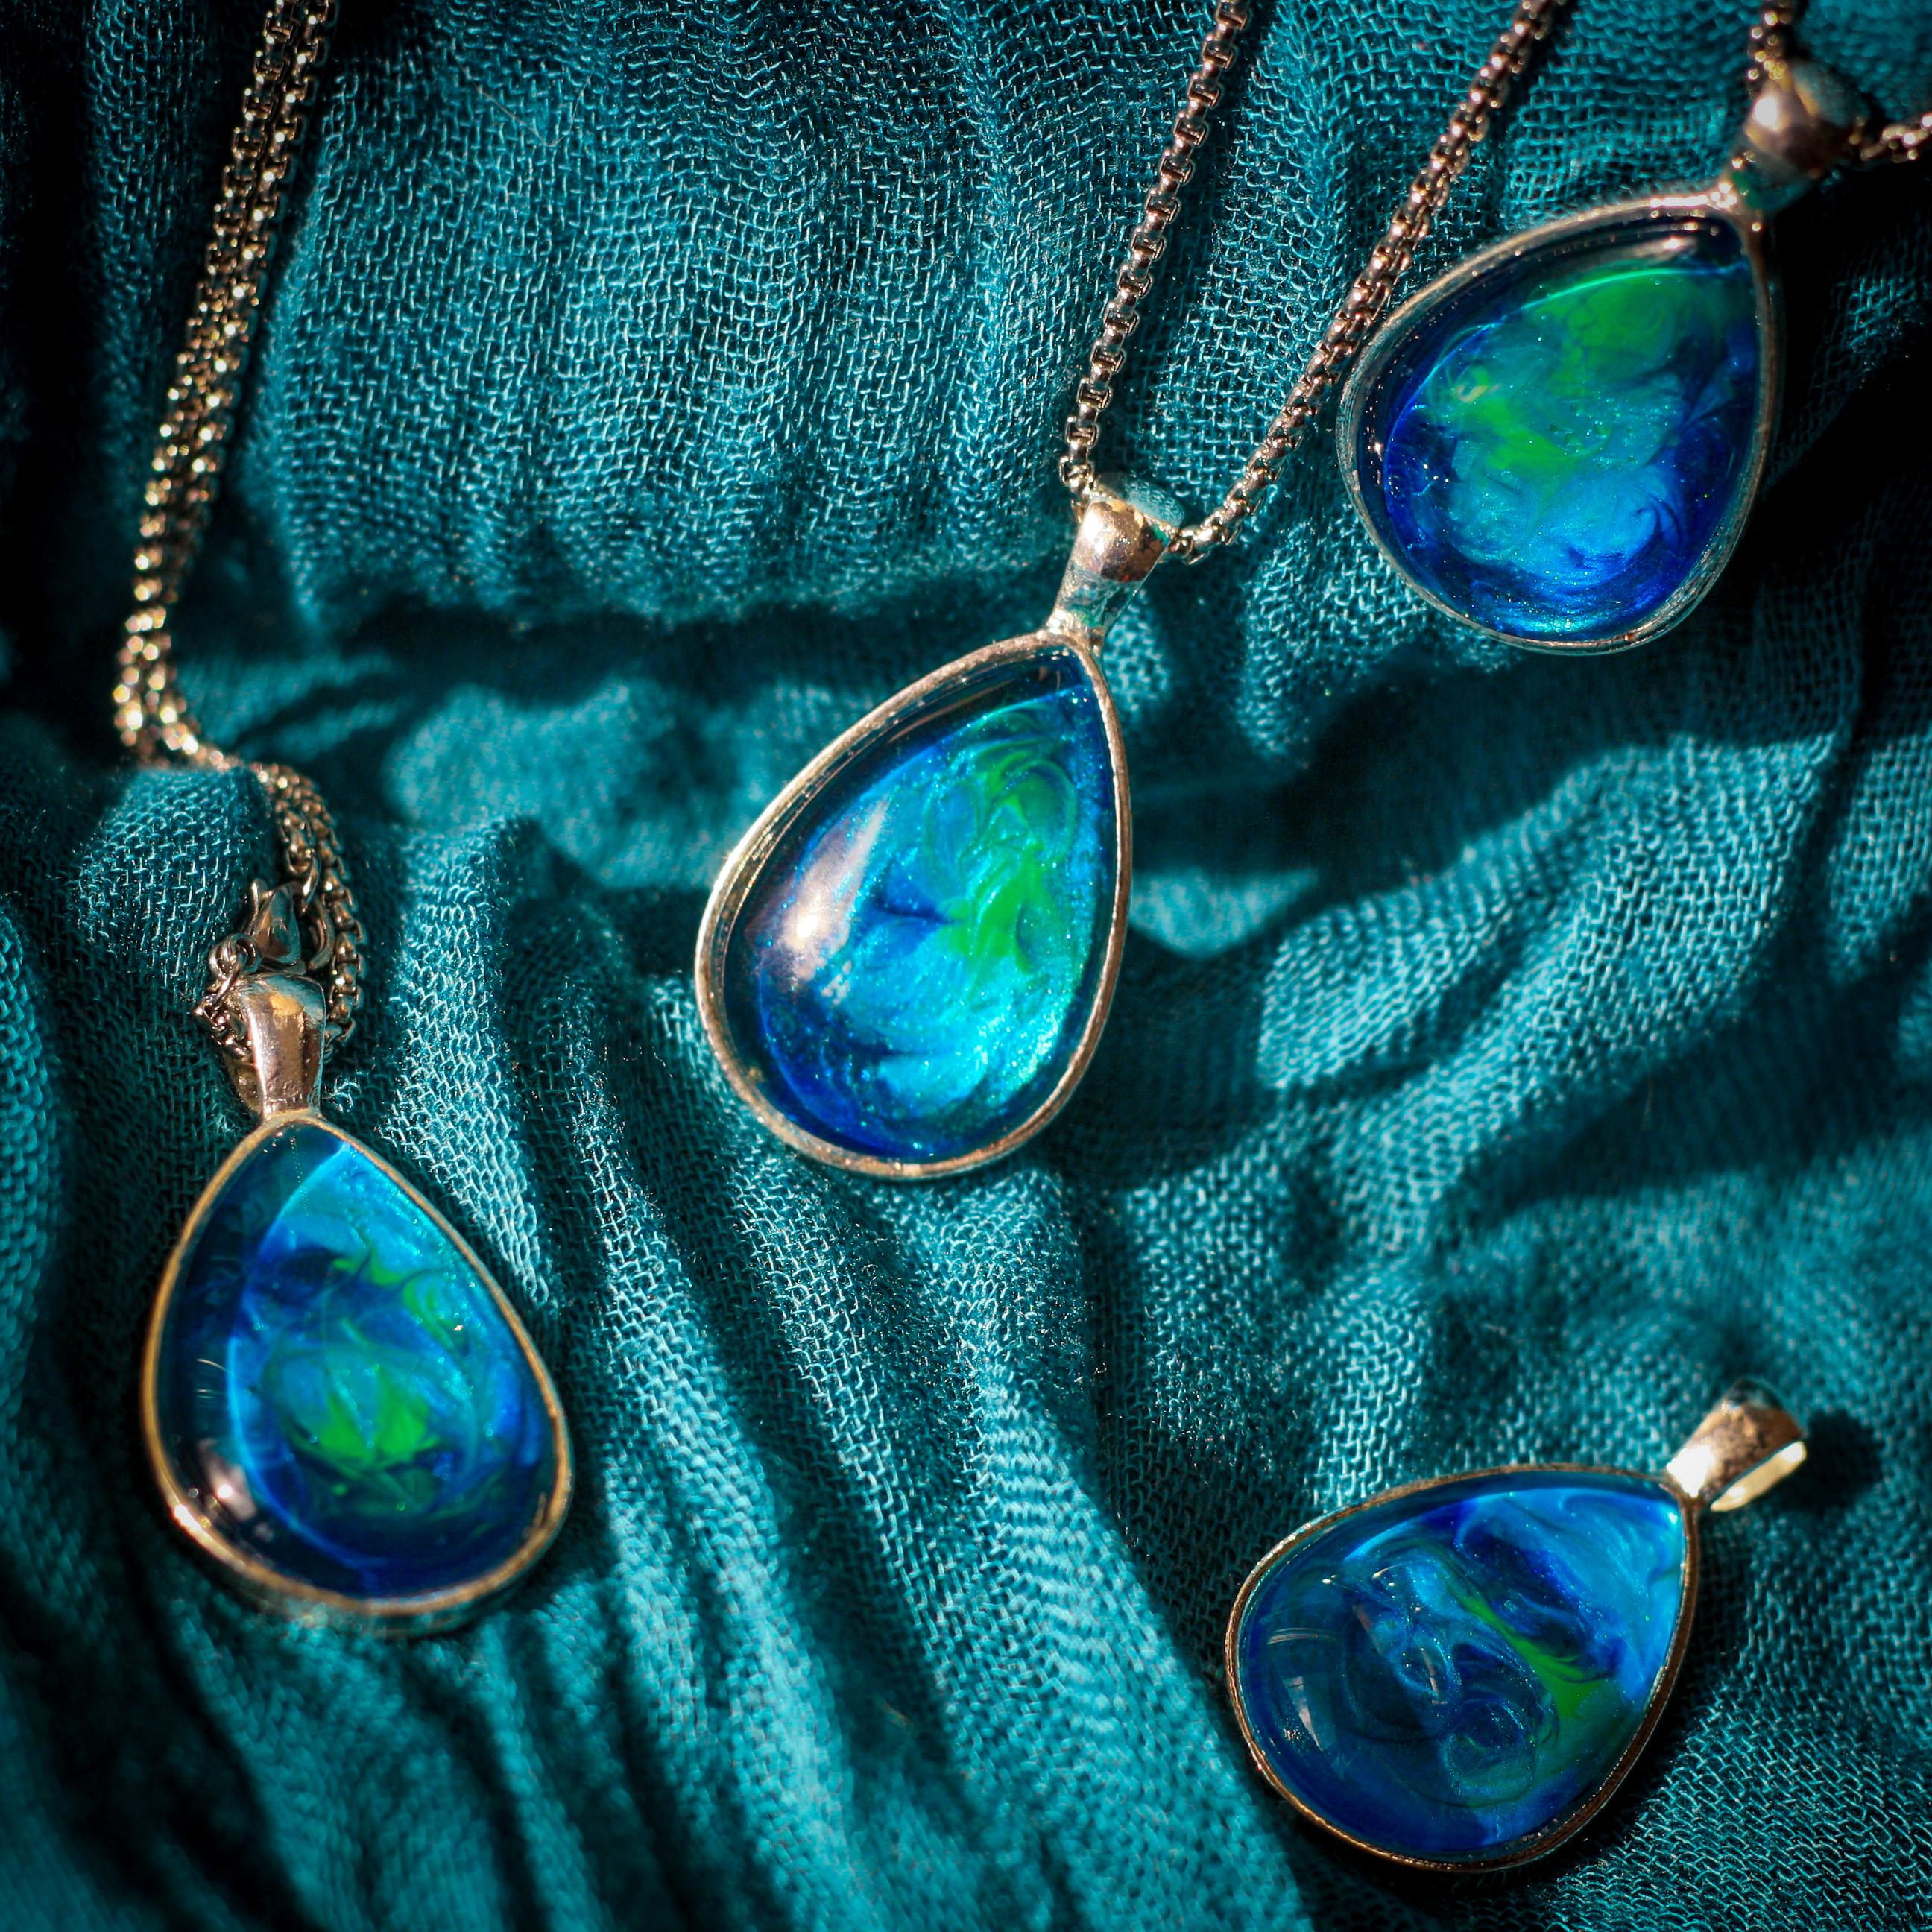 Talisman necklaces